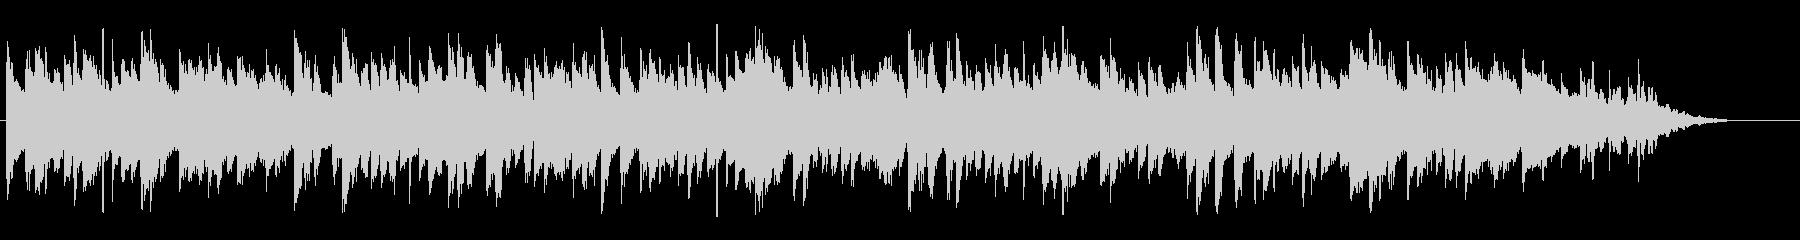 陽気で明るいコミカルな曲の未再生の波形